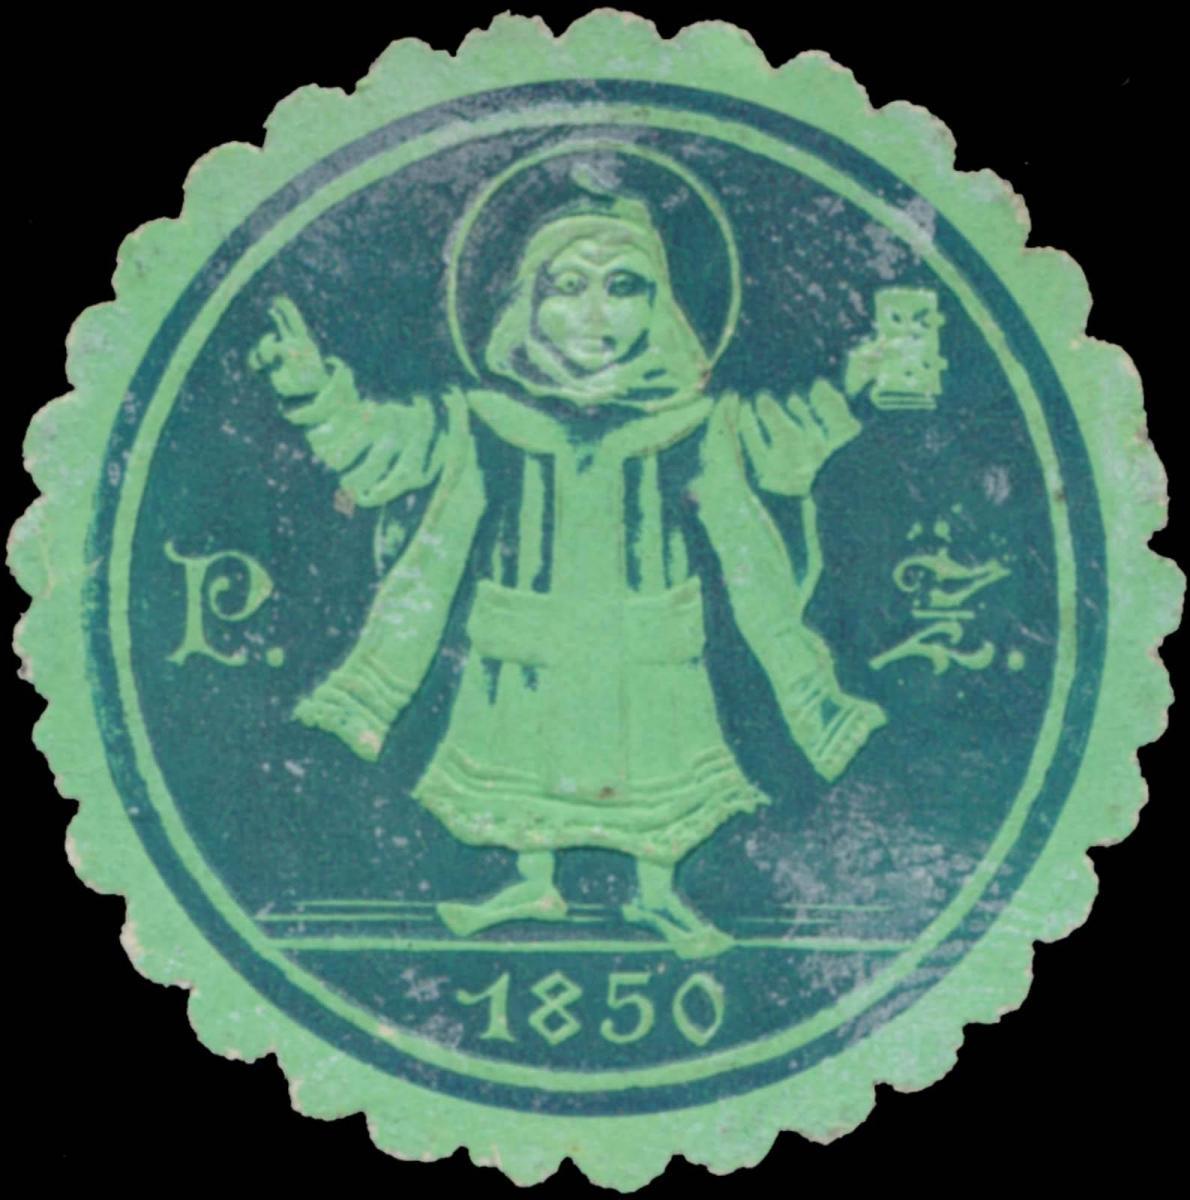 P. Z. Münchner Kindl